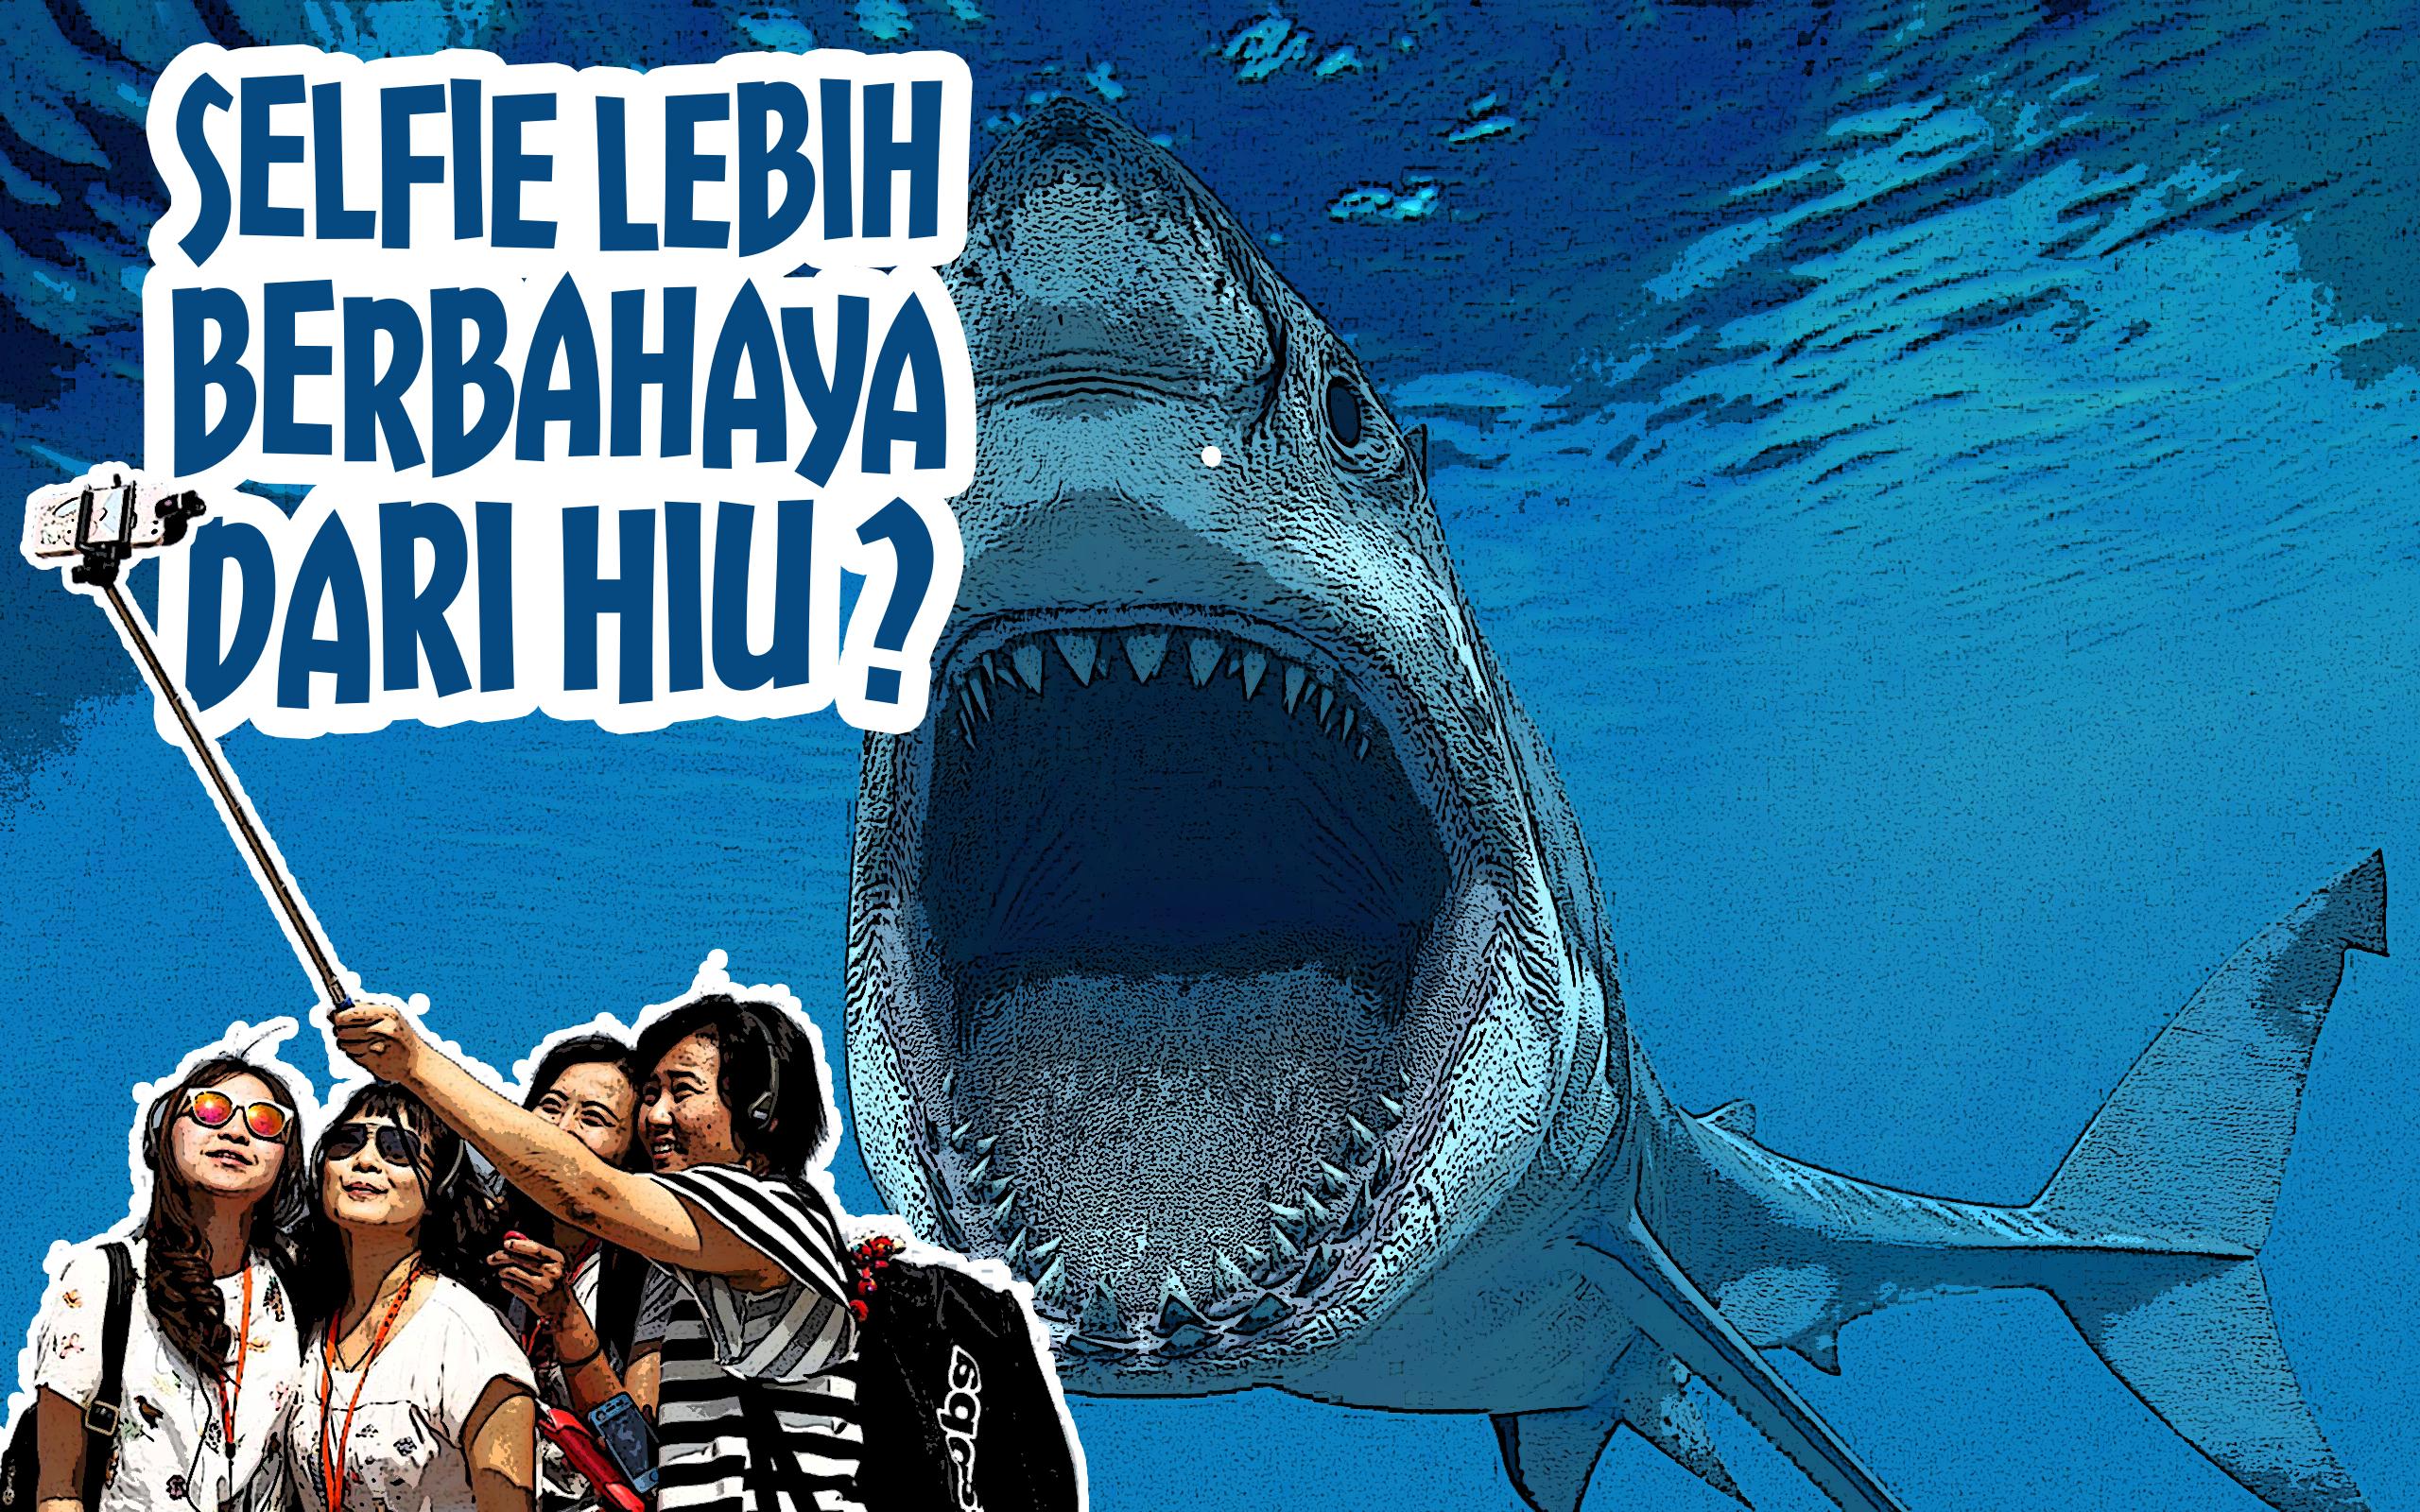 ilustrasi-selfie-lebih-berbahaya-dari-hiu